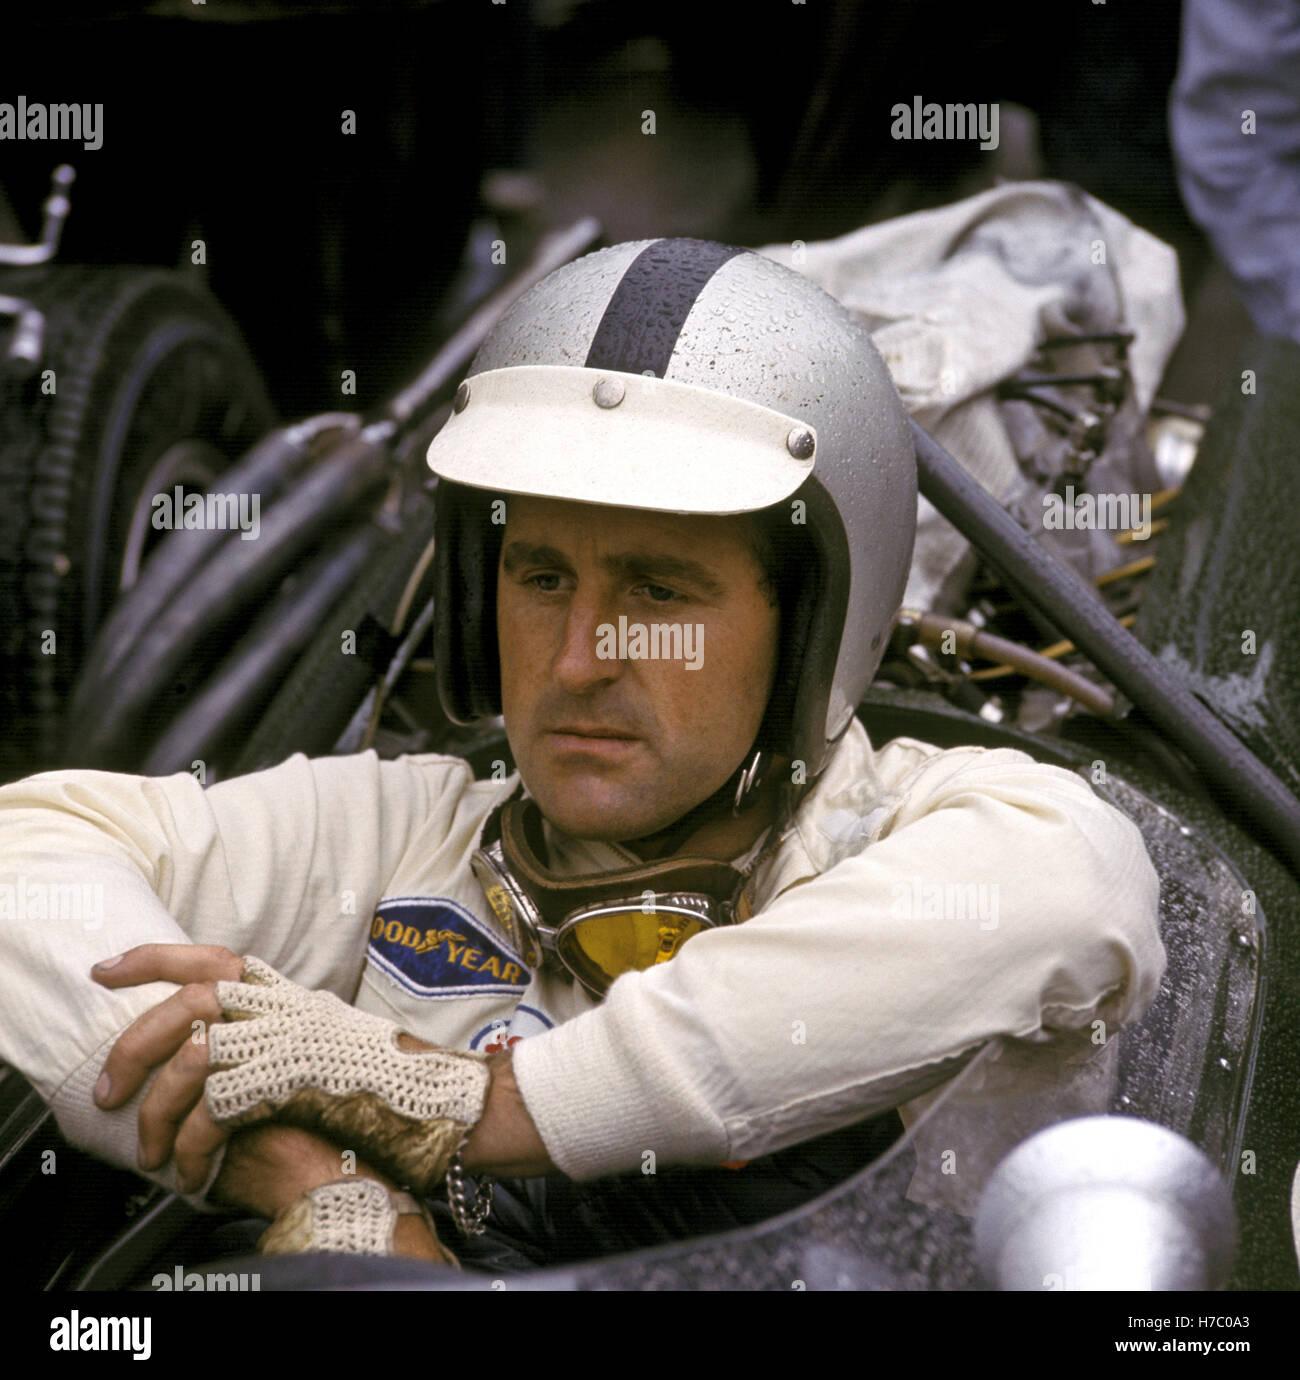 Jack Brabham - Stock Image